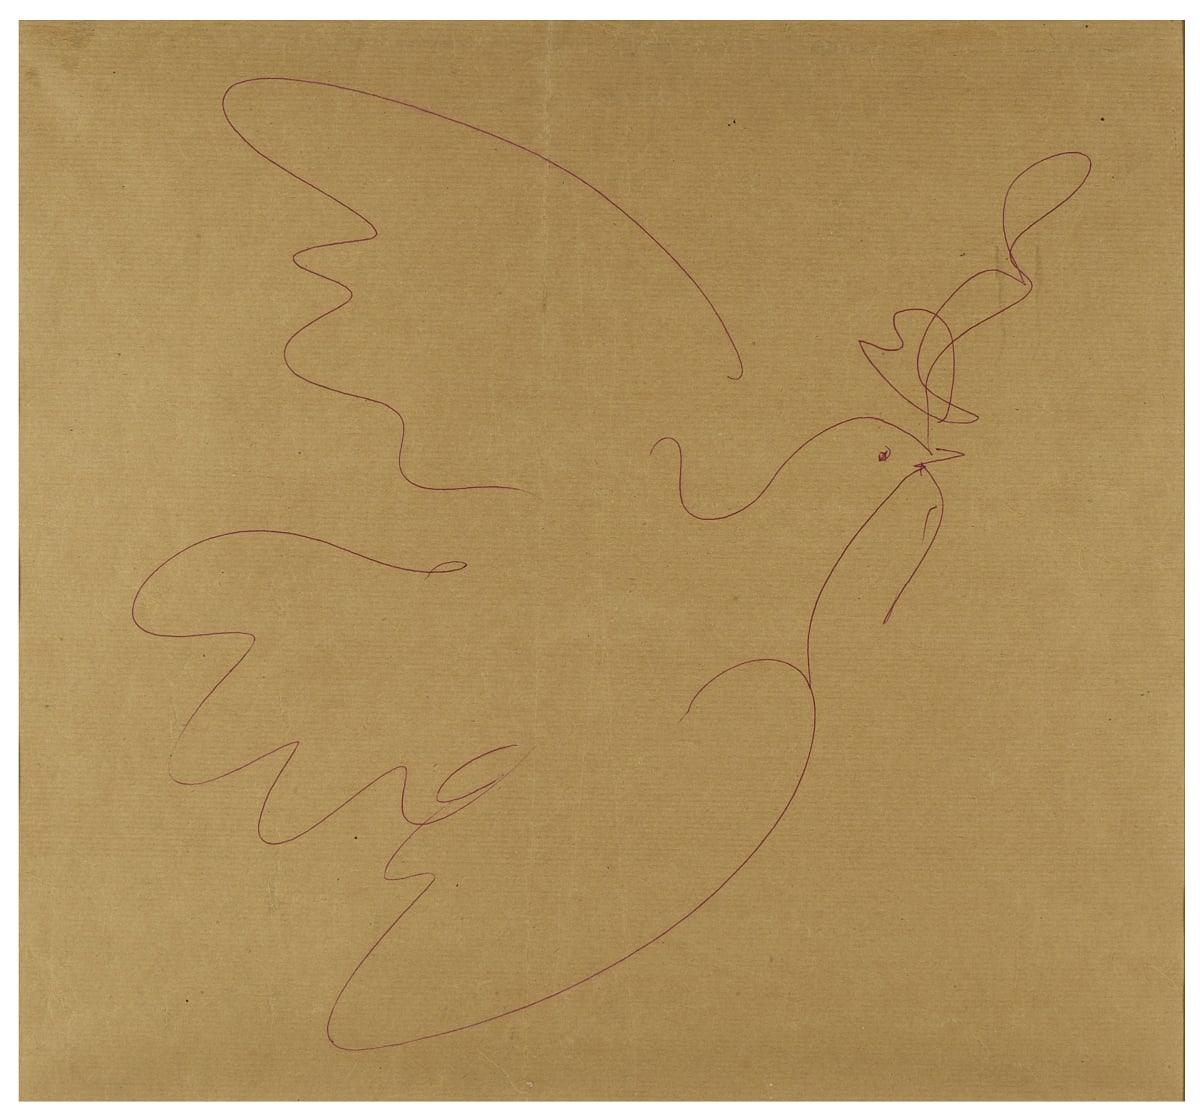 Pablo Picasso La Colombe de la Paix, c. 1953 Red ink pen on kraft paper 44 x 48 cm